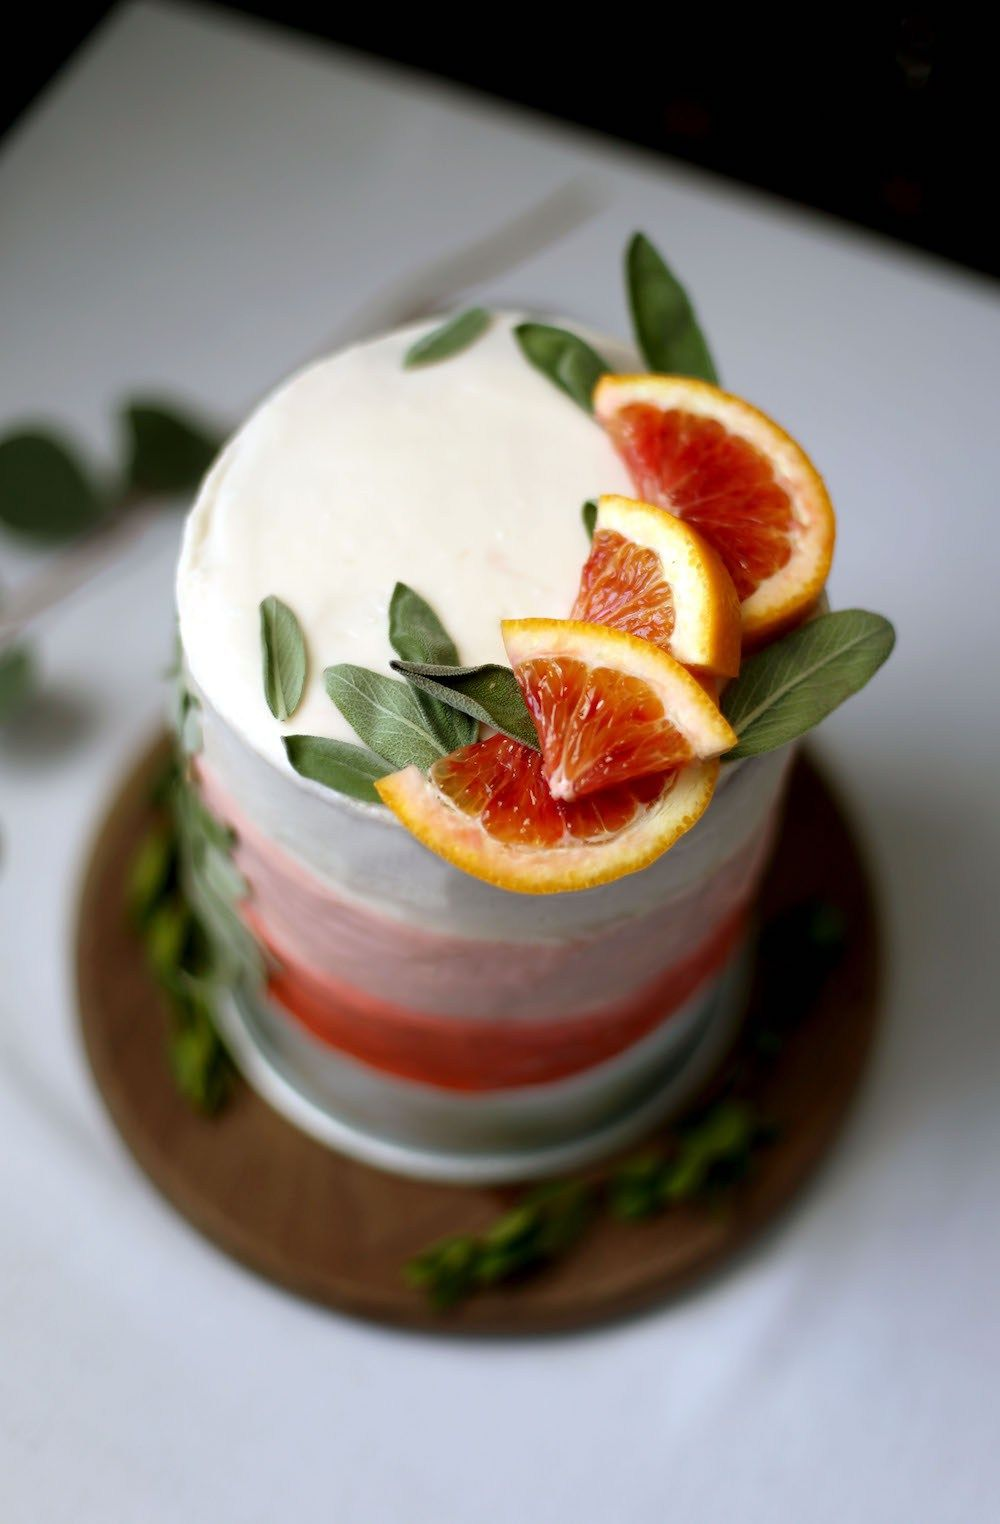 Blood Orange Cake with Honey Mascarpone Frosting